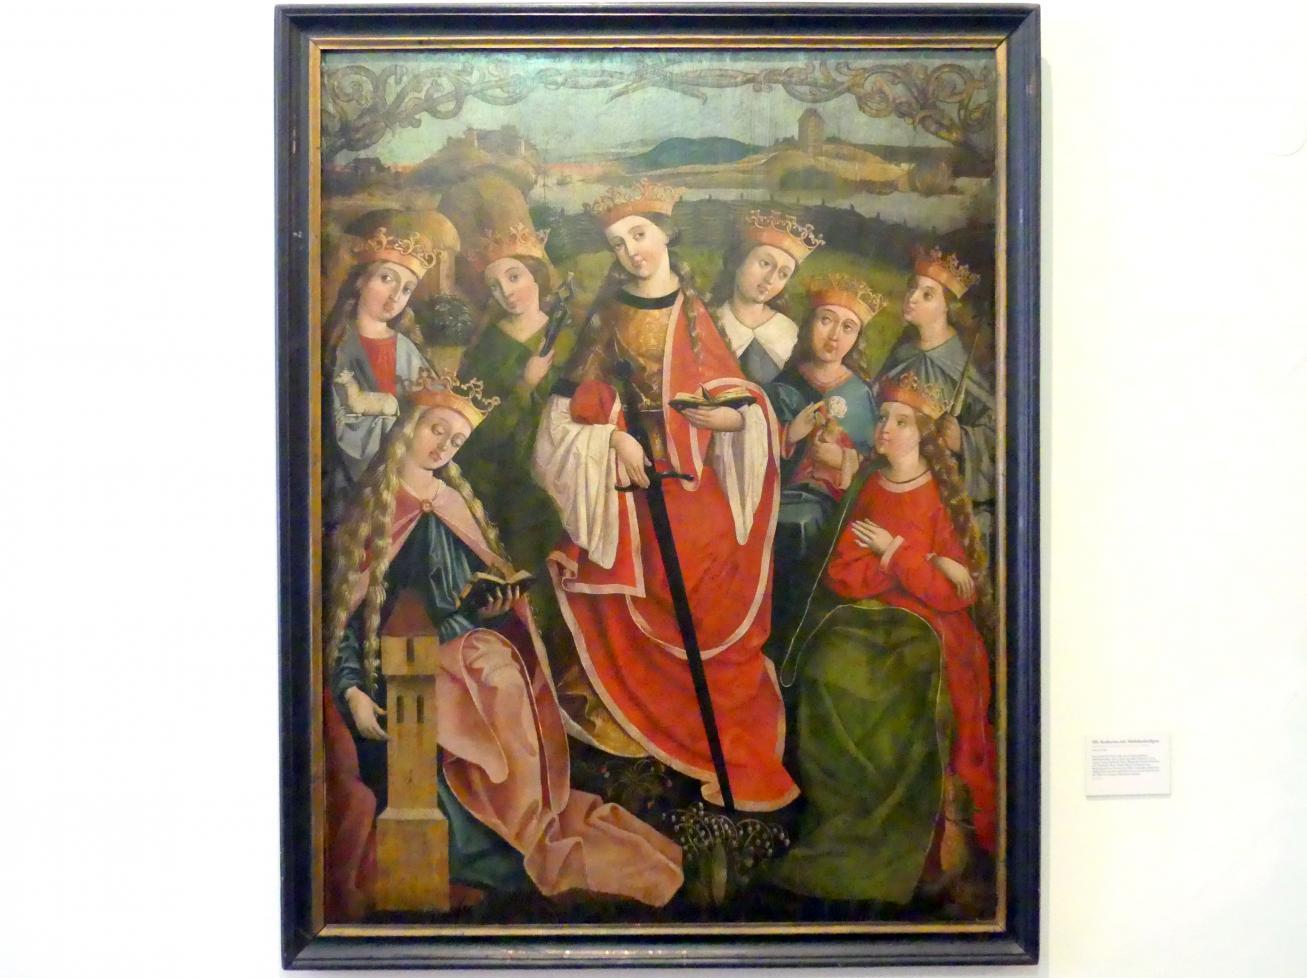 Hll. Katharina mit Mädchenheiligen, Um 1500 - 1510